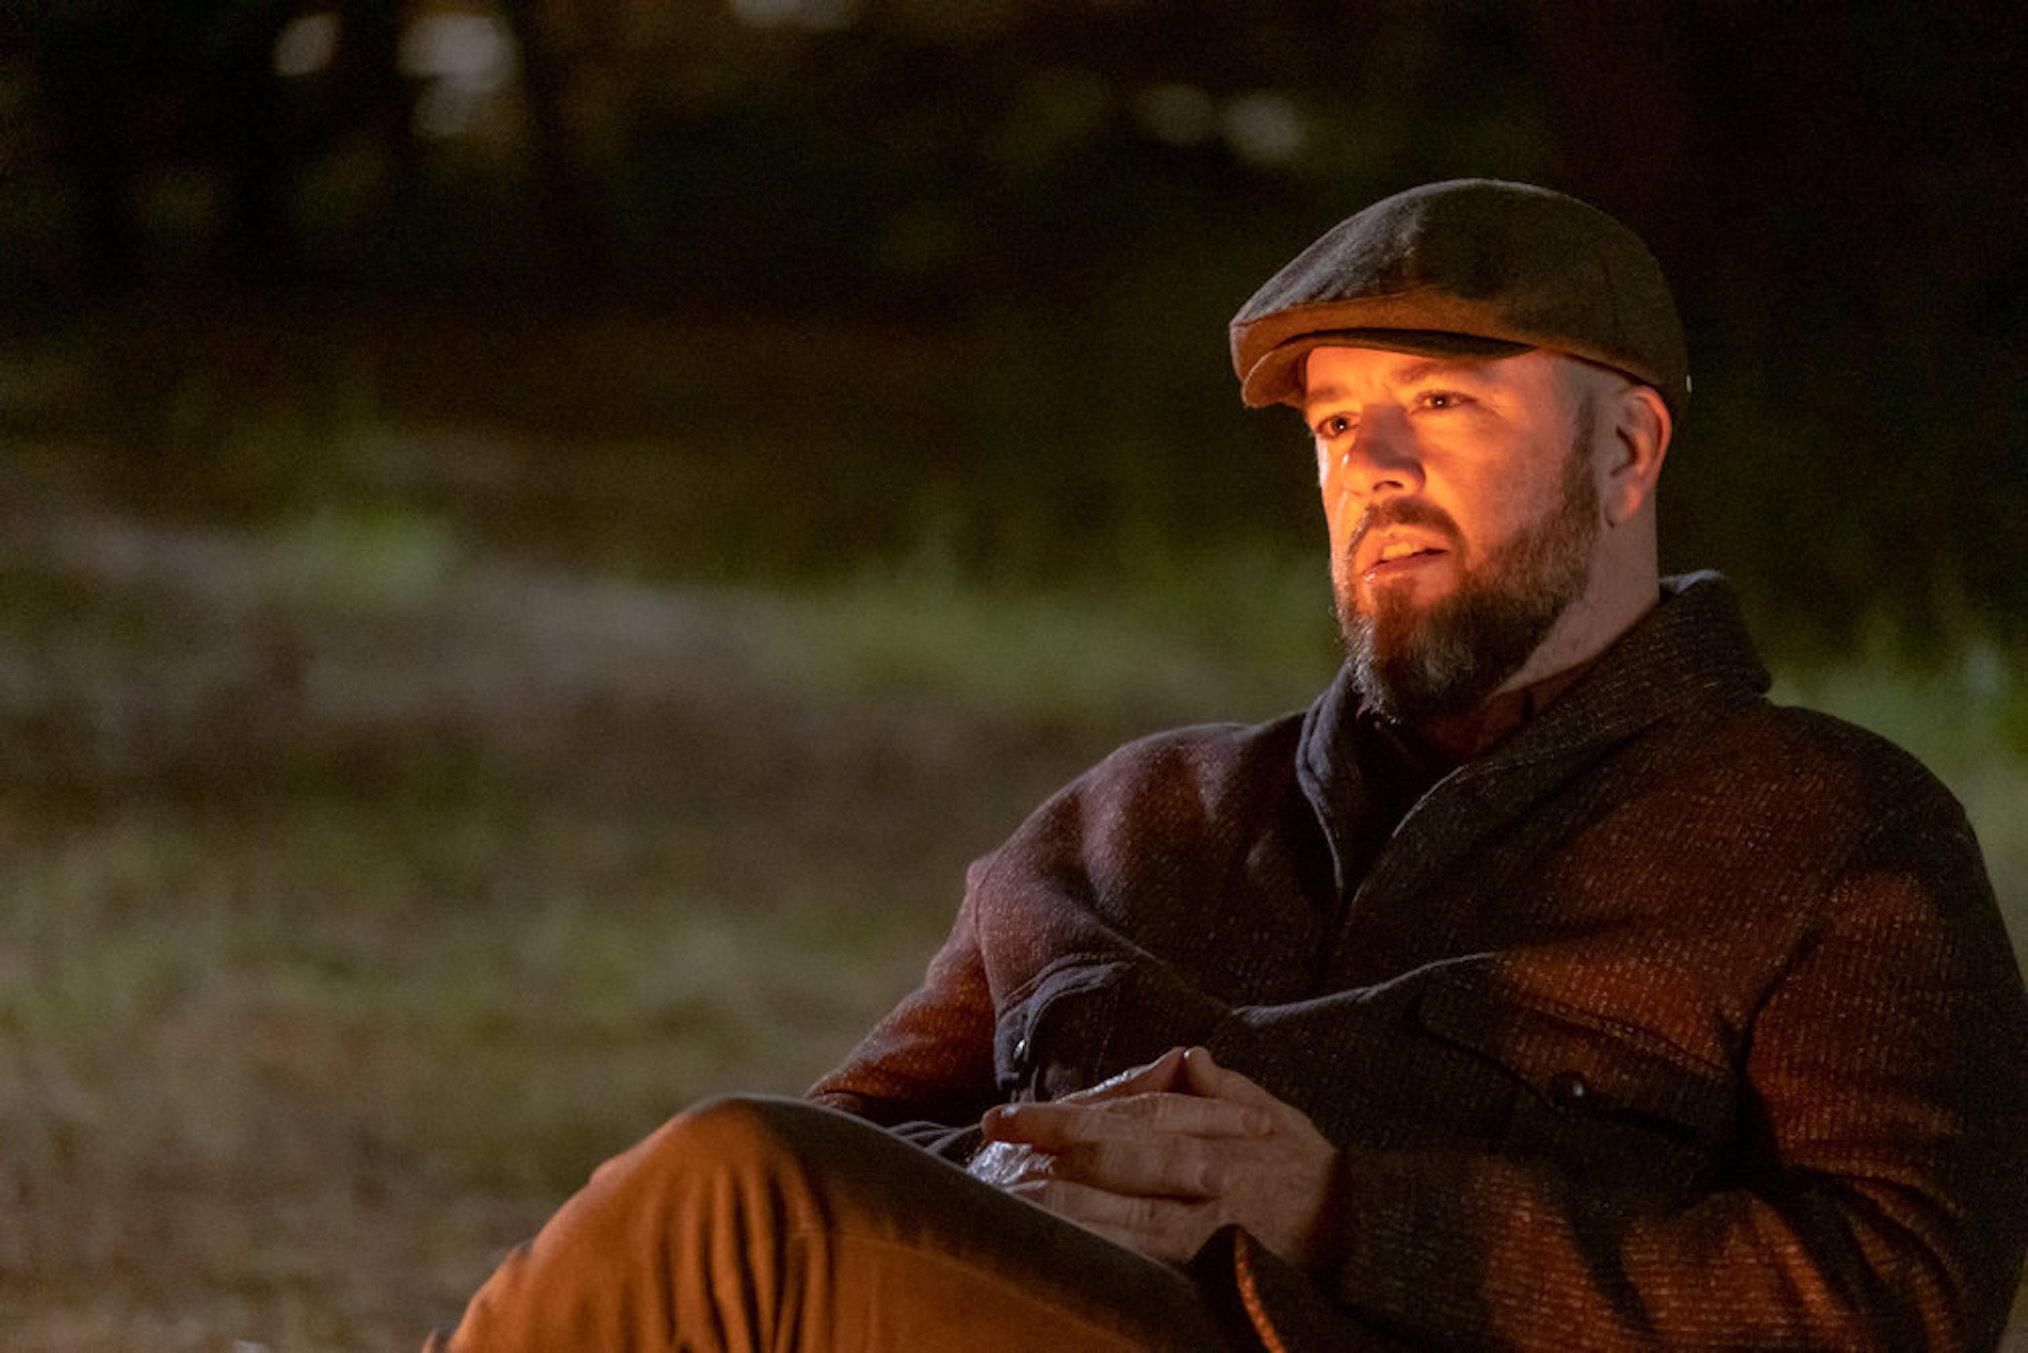 Chris Sullivan This Is Us Saison 5 Episode 15 Toby